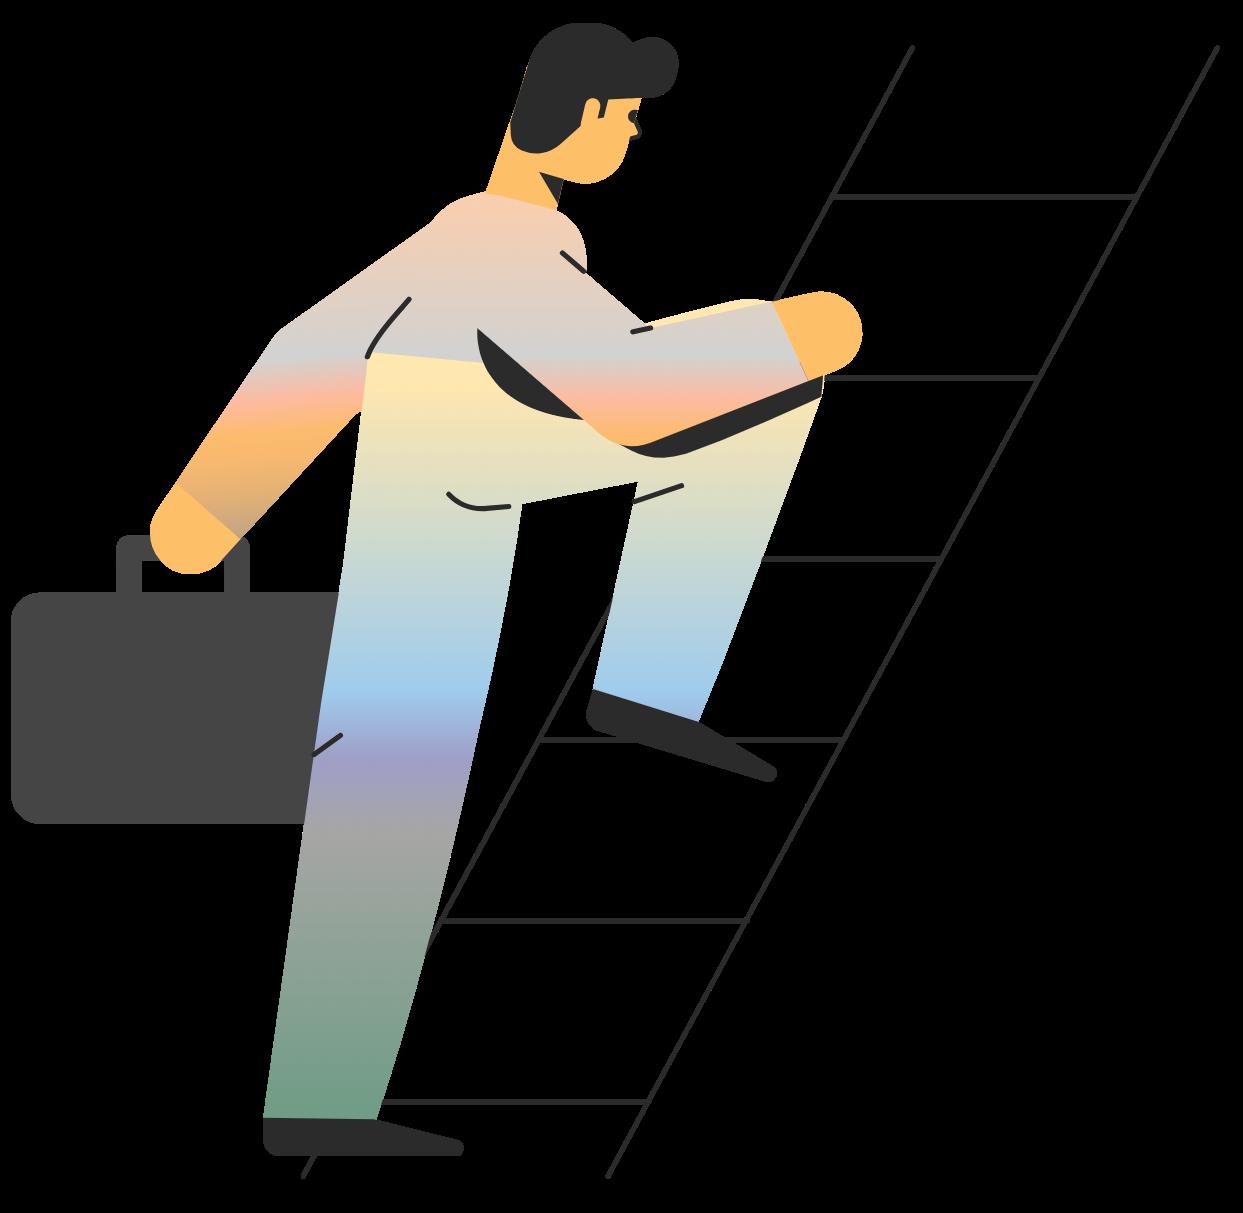 Man climbing ladder